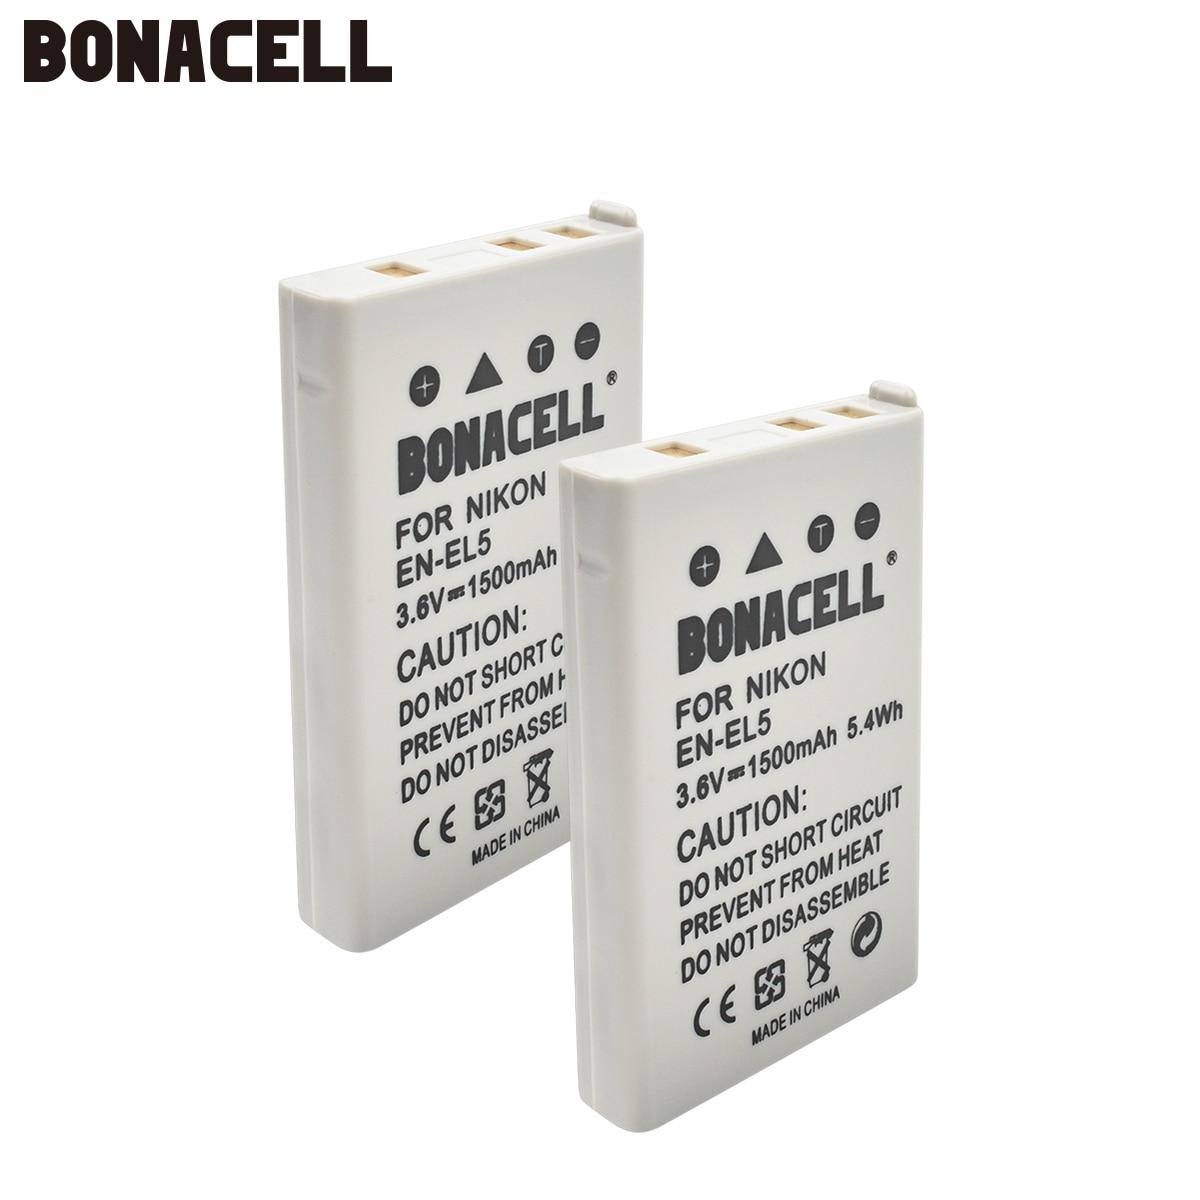 Bonacell 1500mAh EN-EL5 Digital Camera Battery Pack For Nikon Coolpix P4 P80 P90 P100 P500 P510 P520 P530 P5000 P5100 5200 L50